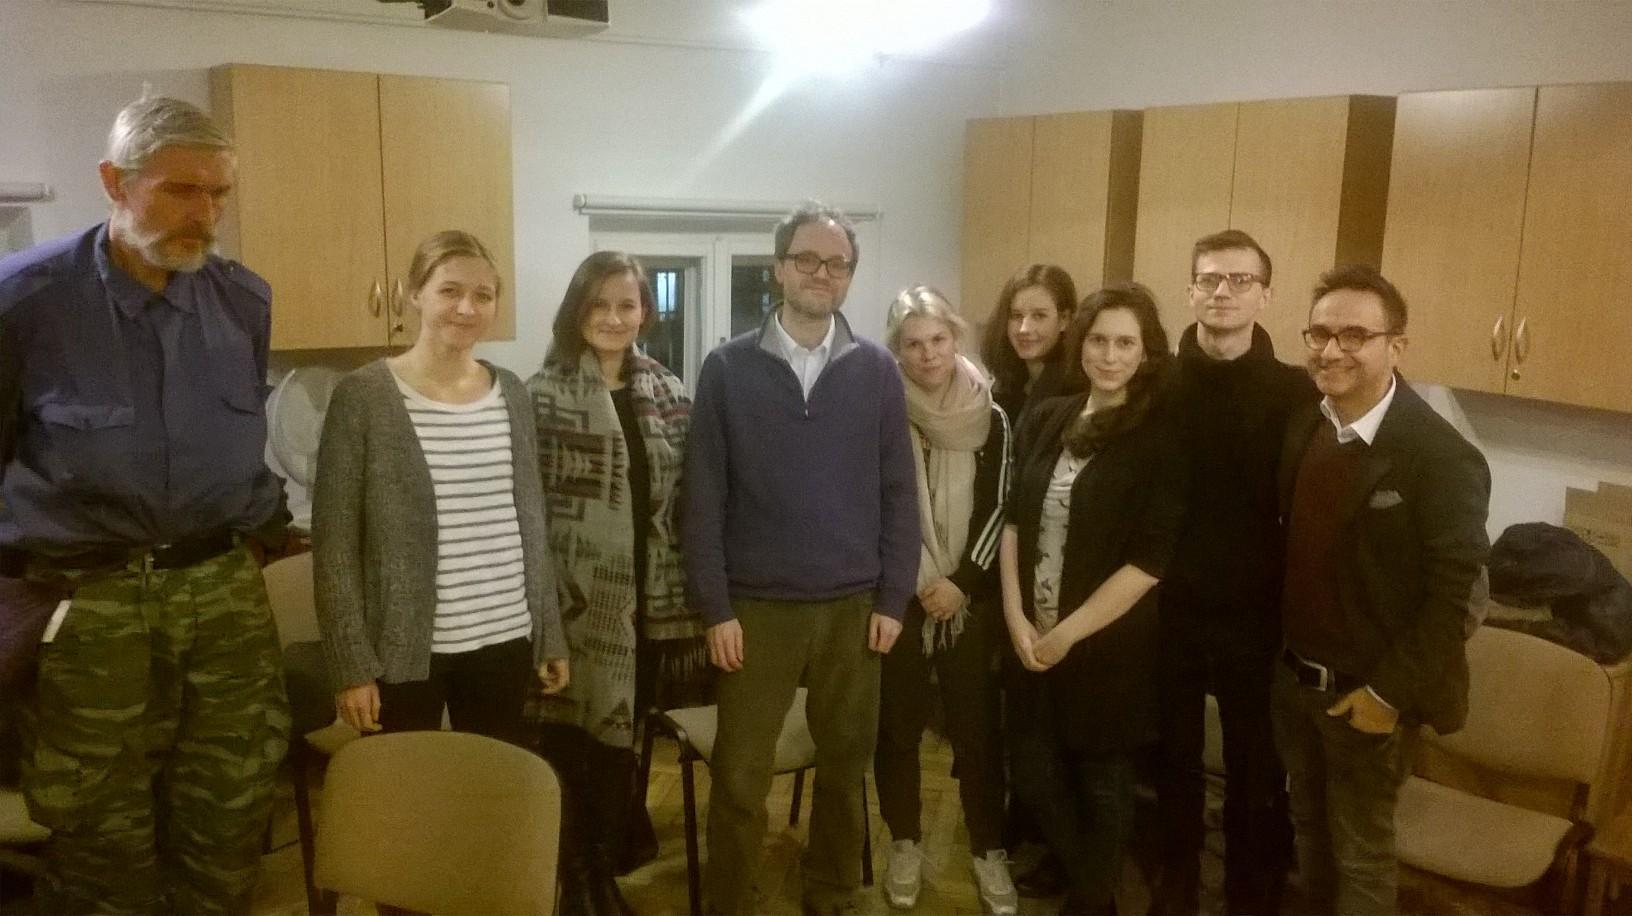 Presentazione presso l'Università di Varsavia con il Dr. Stefano Redaelli (novembre 2016).